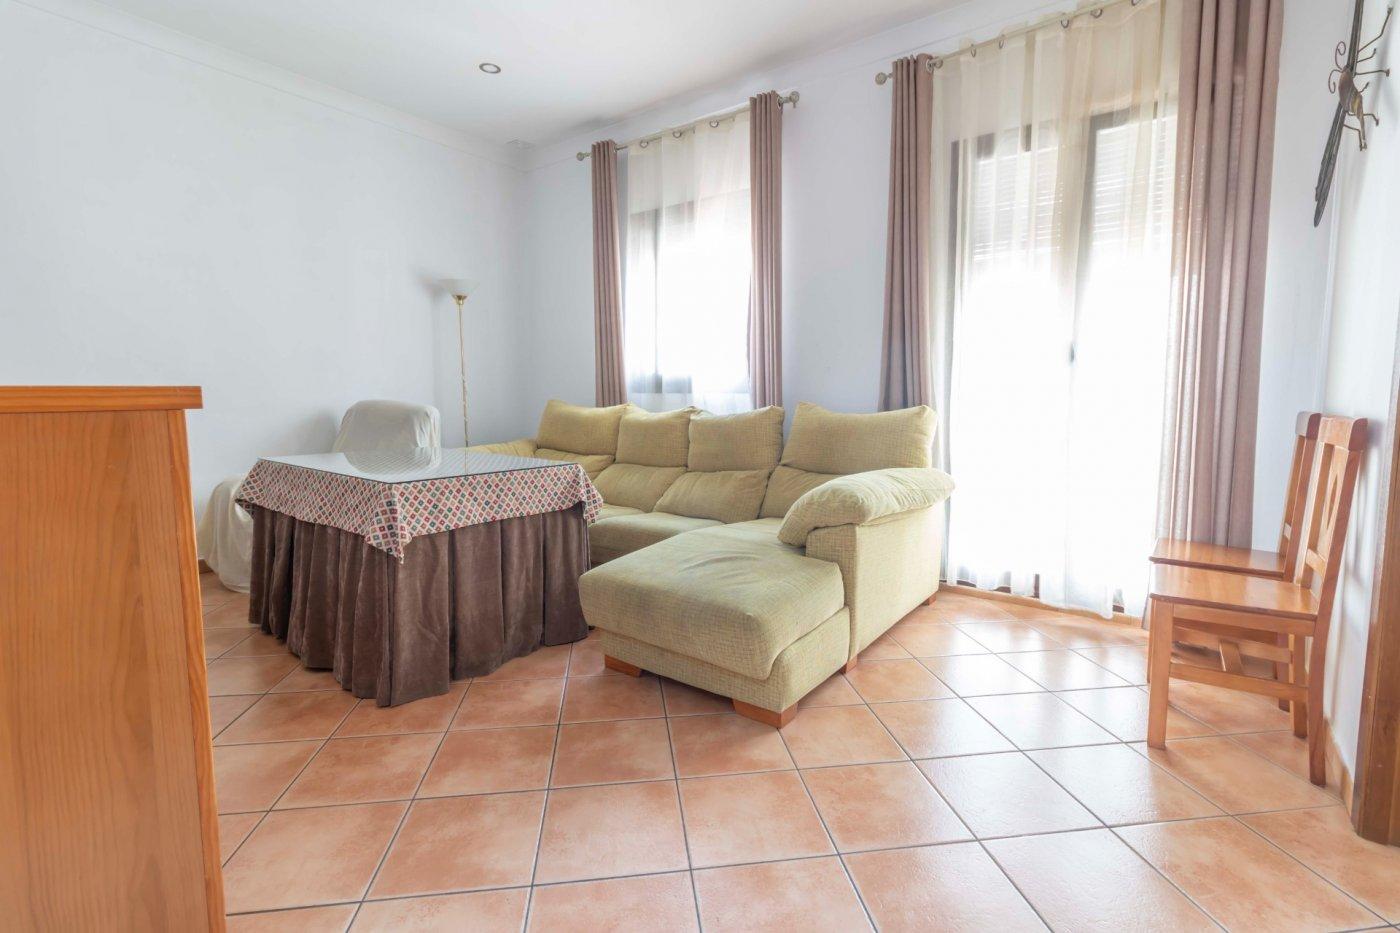 Casa de reciente construccion a la venta en carmona - imagenInmueble2